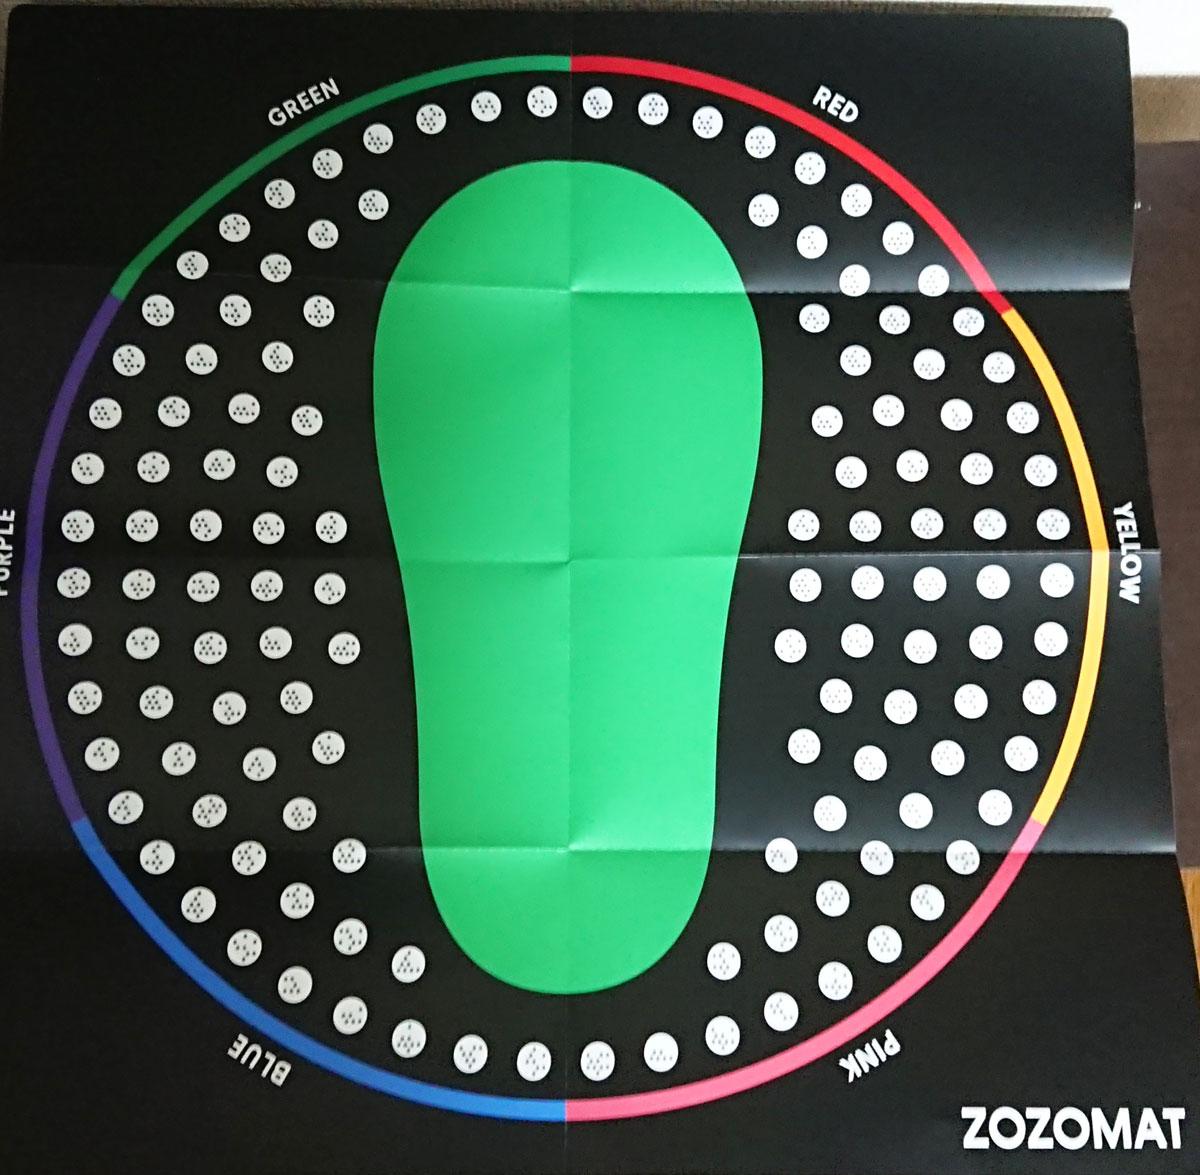 【認識しない?原因は】ZOZOMATを試したレビュー【精度、問題点、使い方】